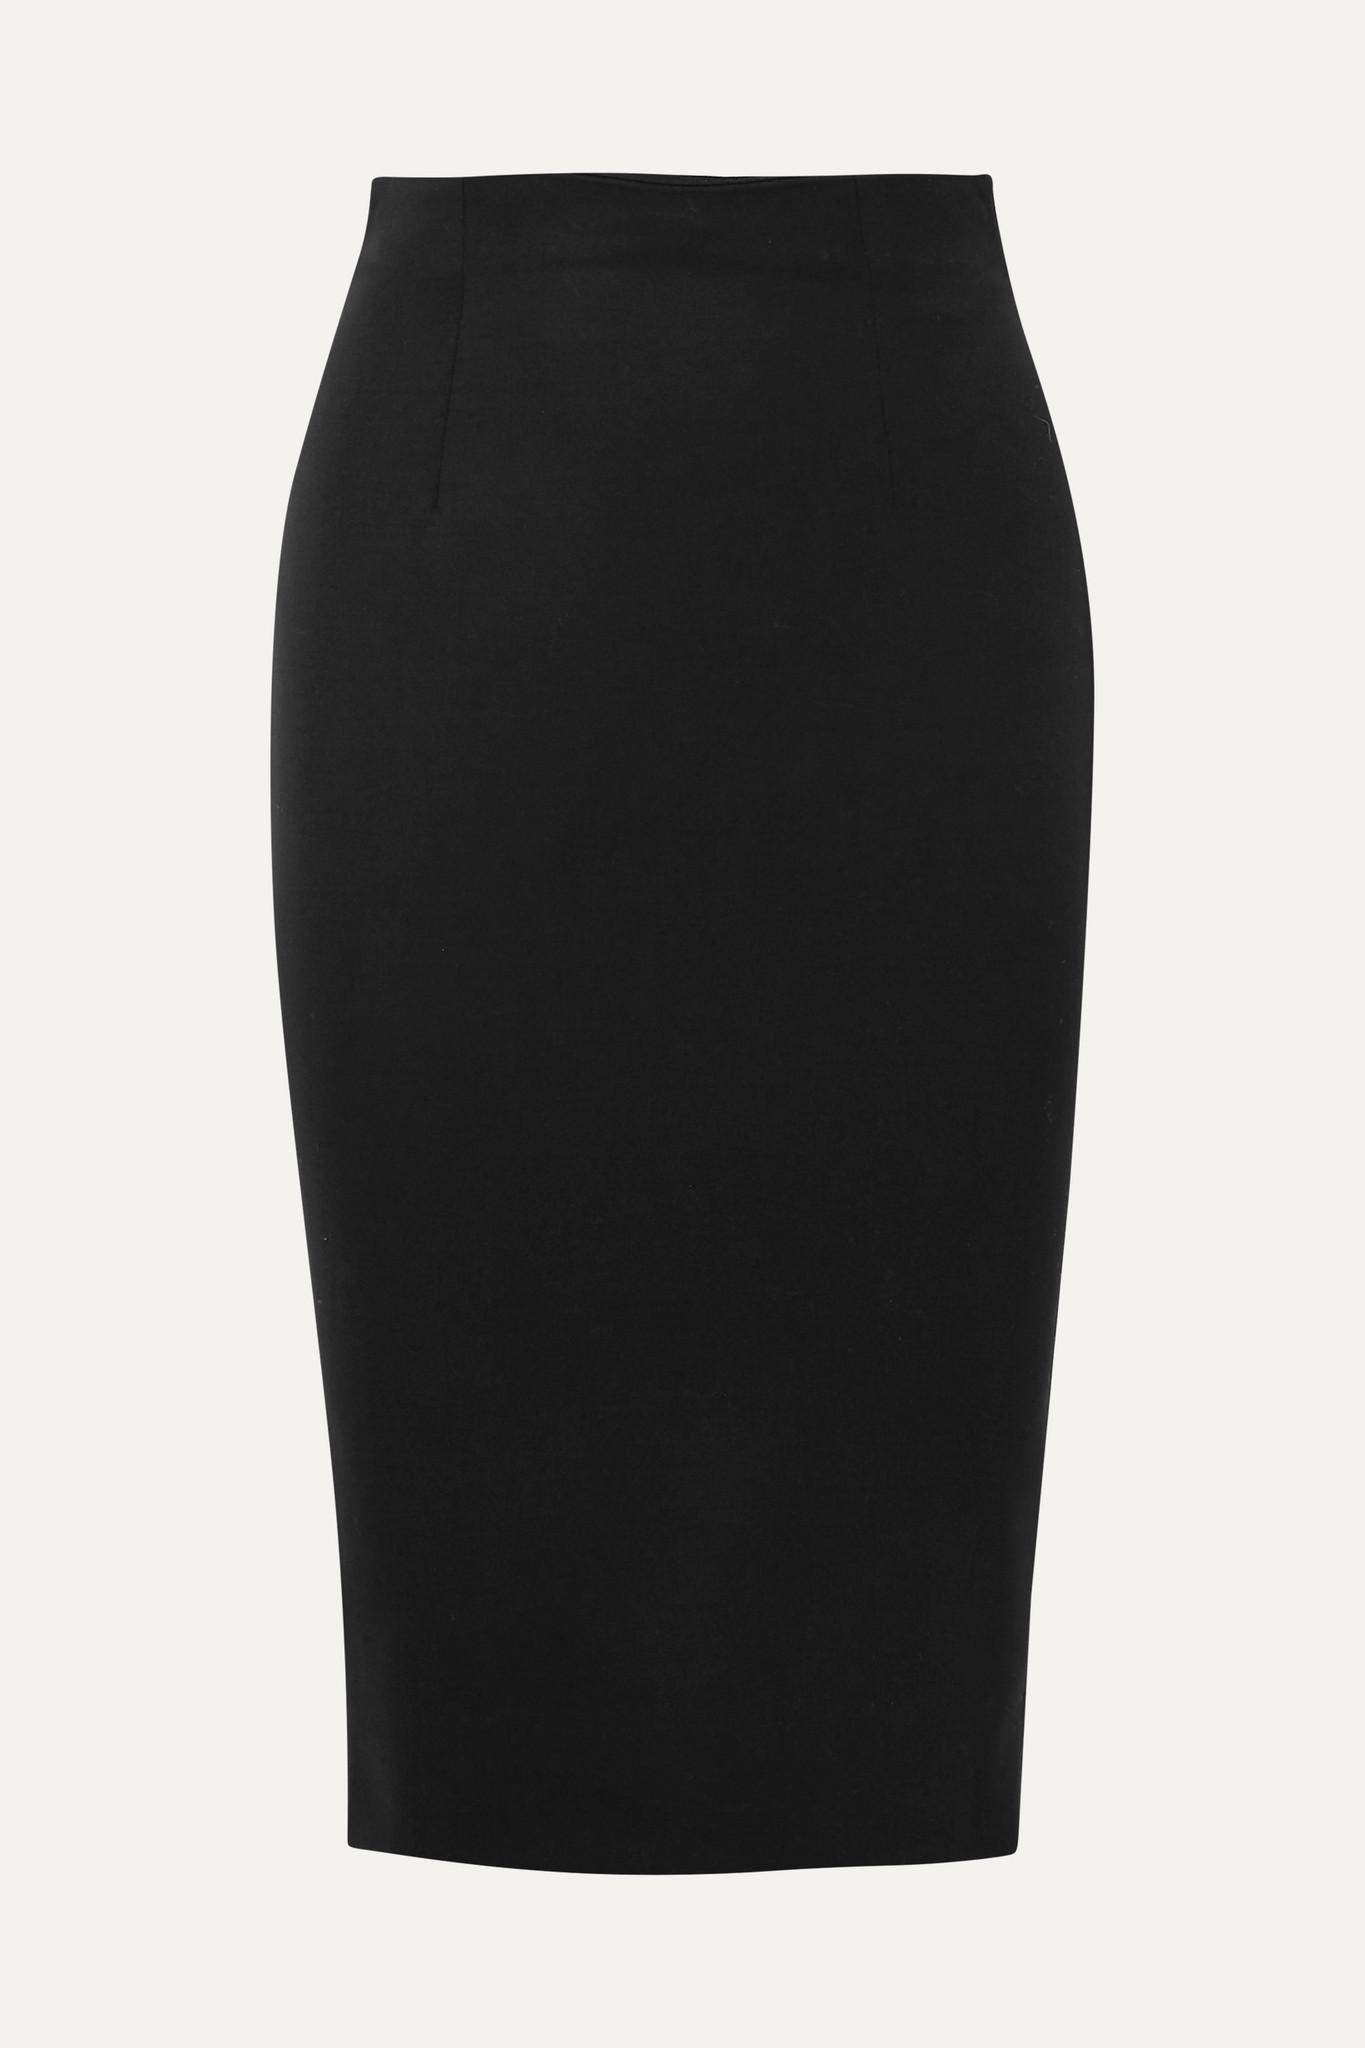 ALEXANDER MCQUEEN - 粒纹羊毛铅笔半身裙 - 黑色 - IT38